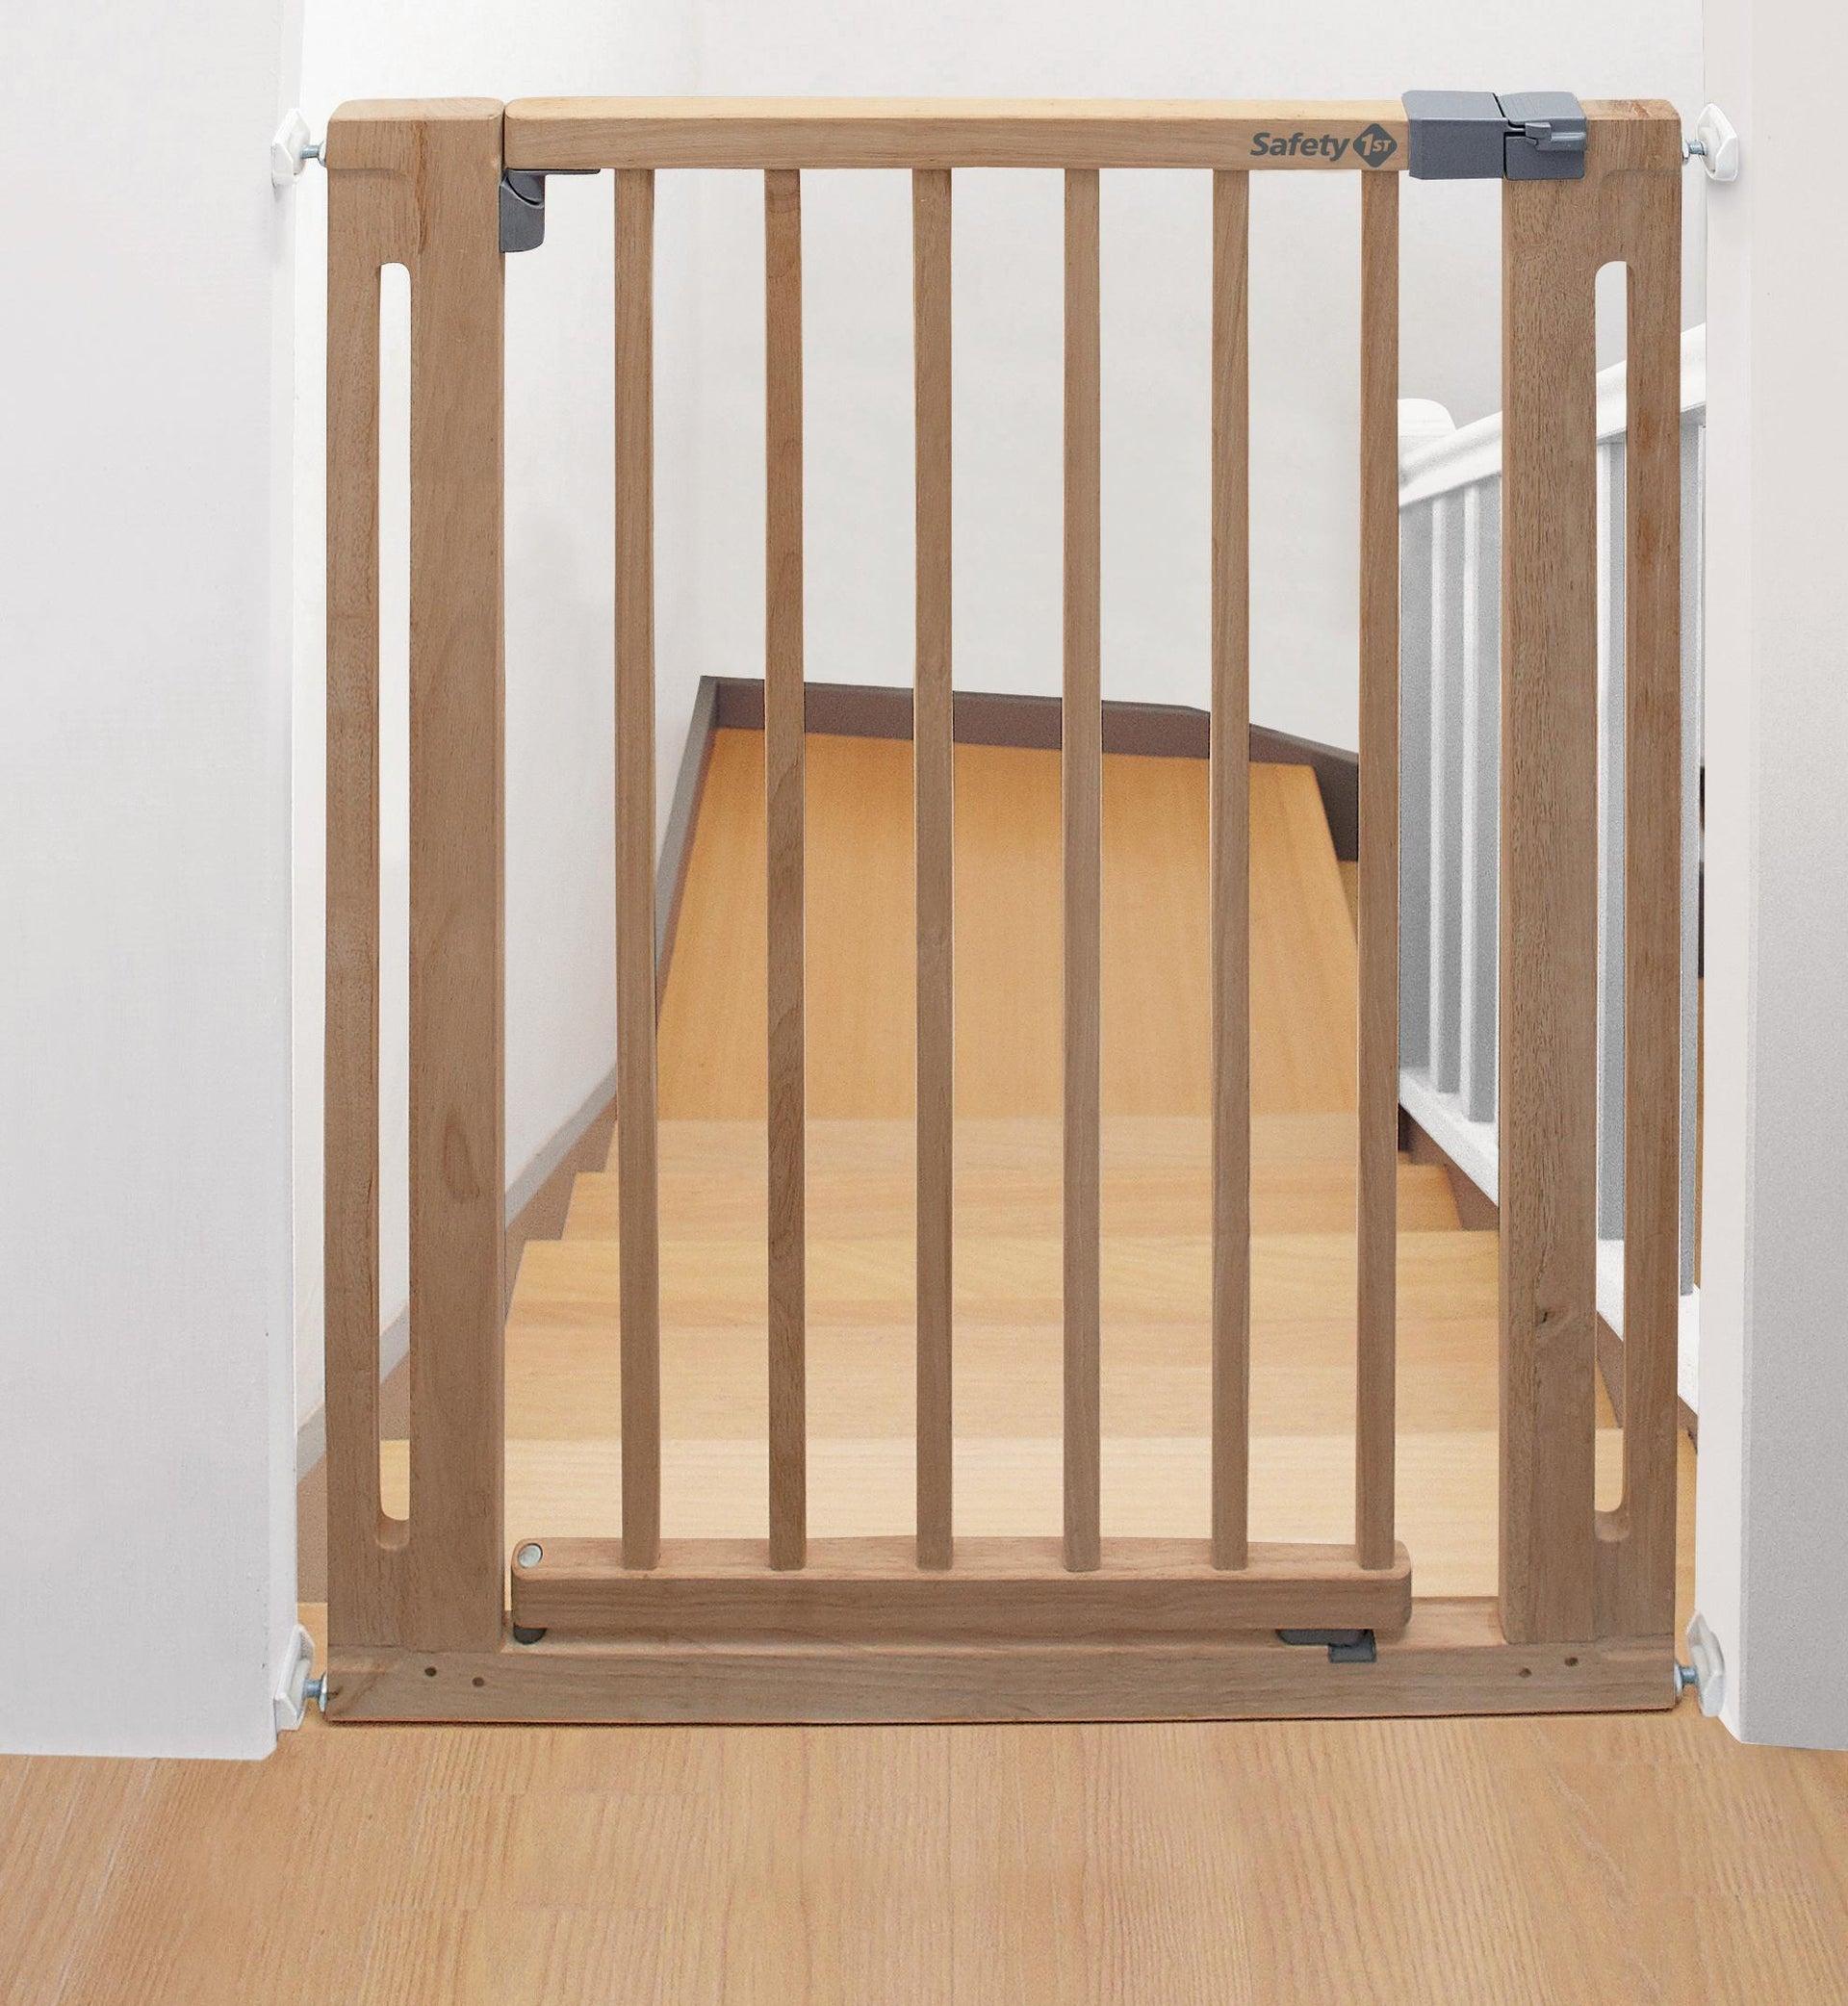 Cancelletto di sicurezza per bambini Esay Close Wood L 73 cm - 1